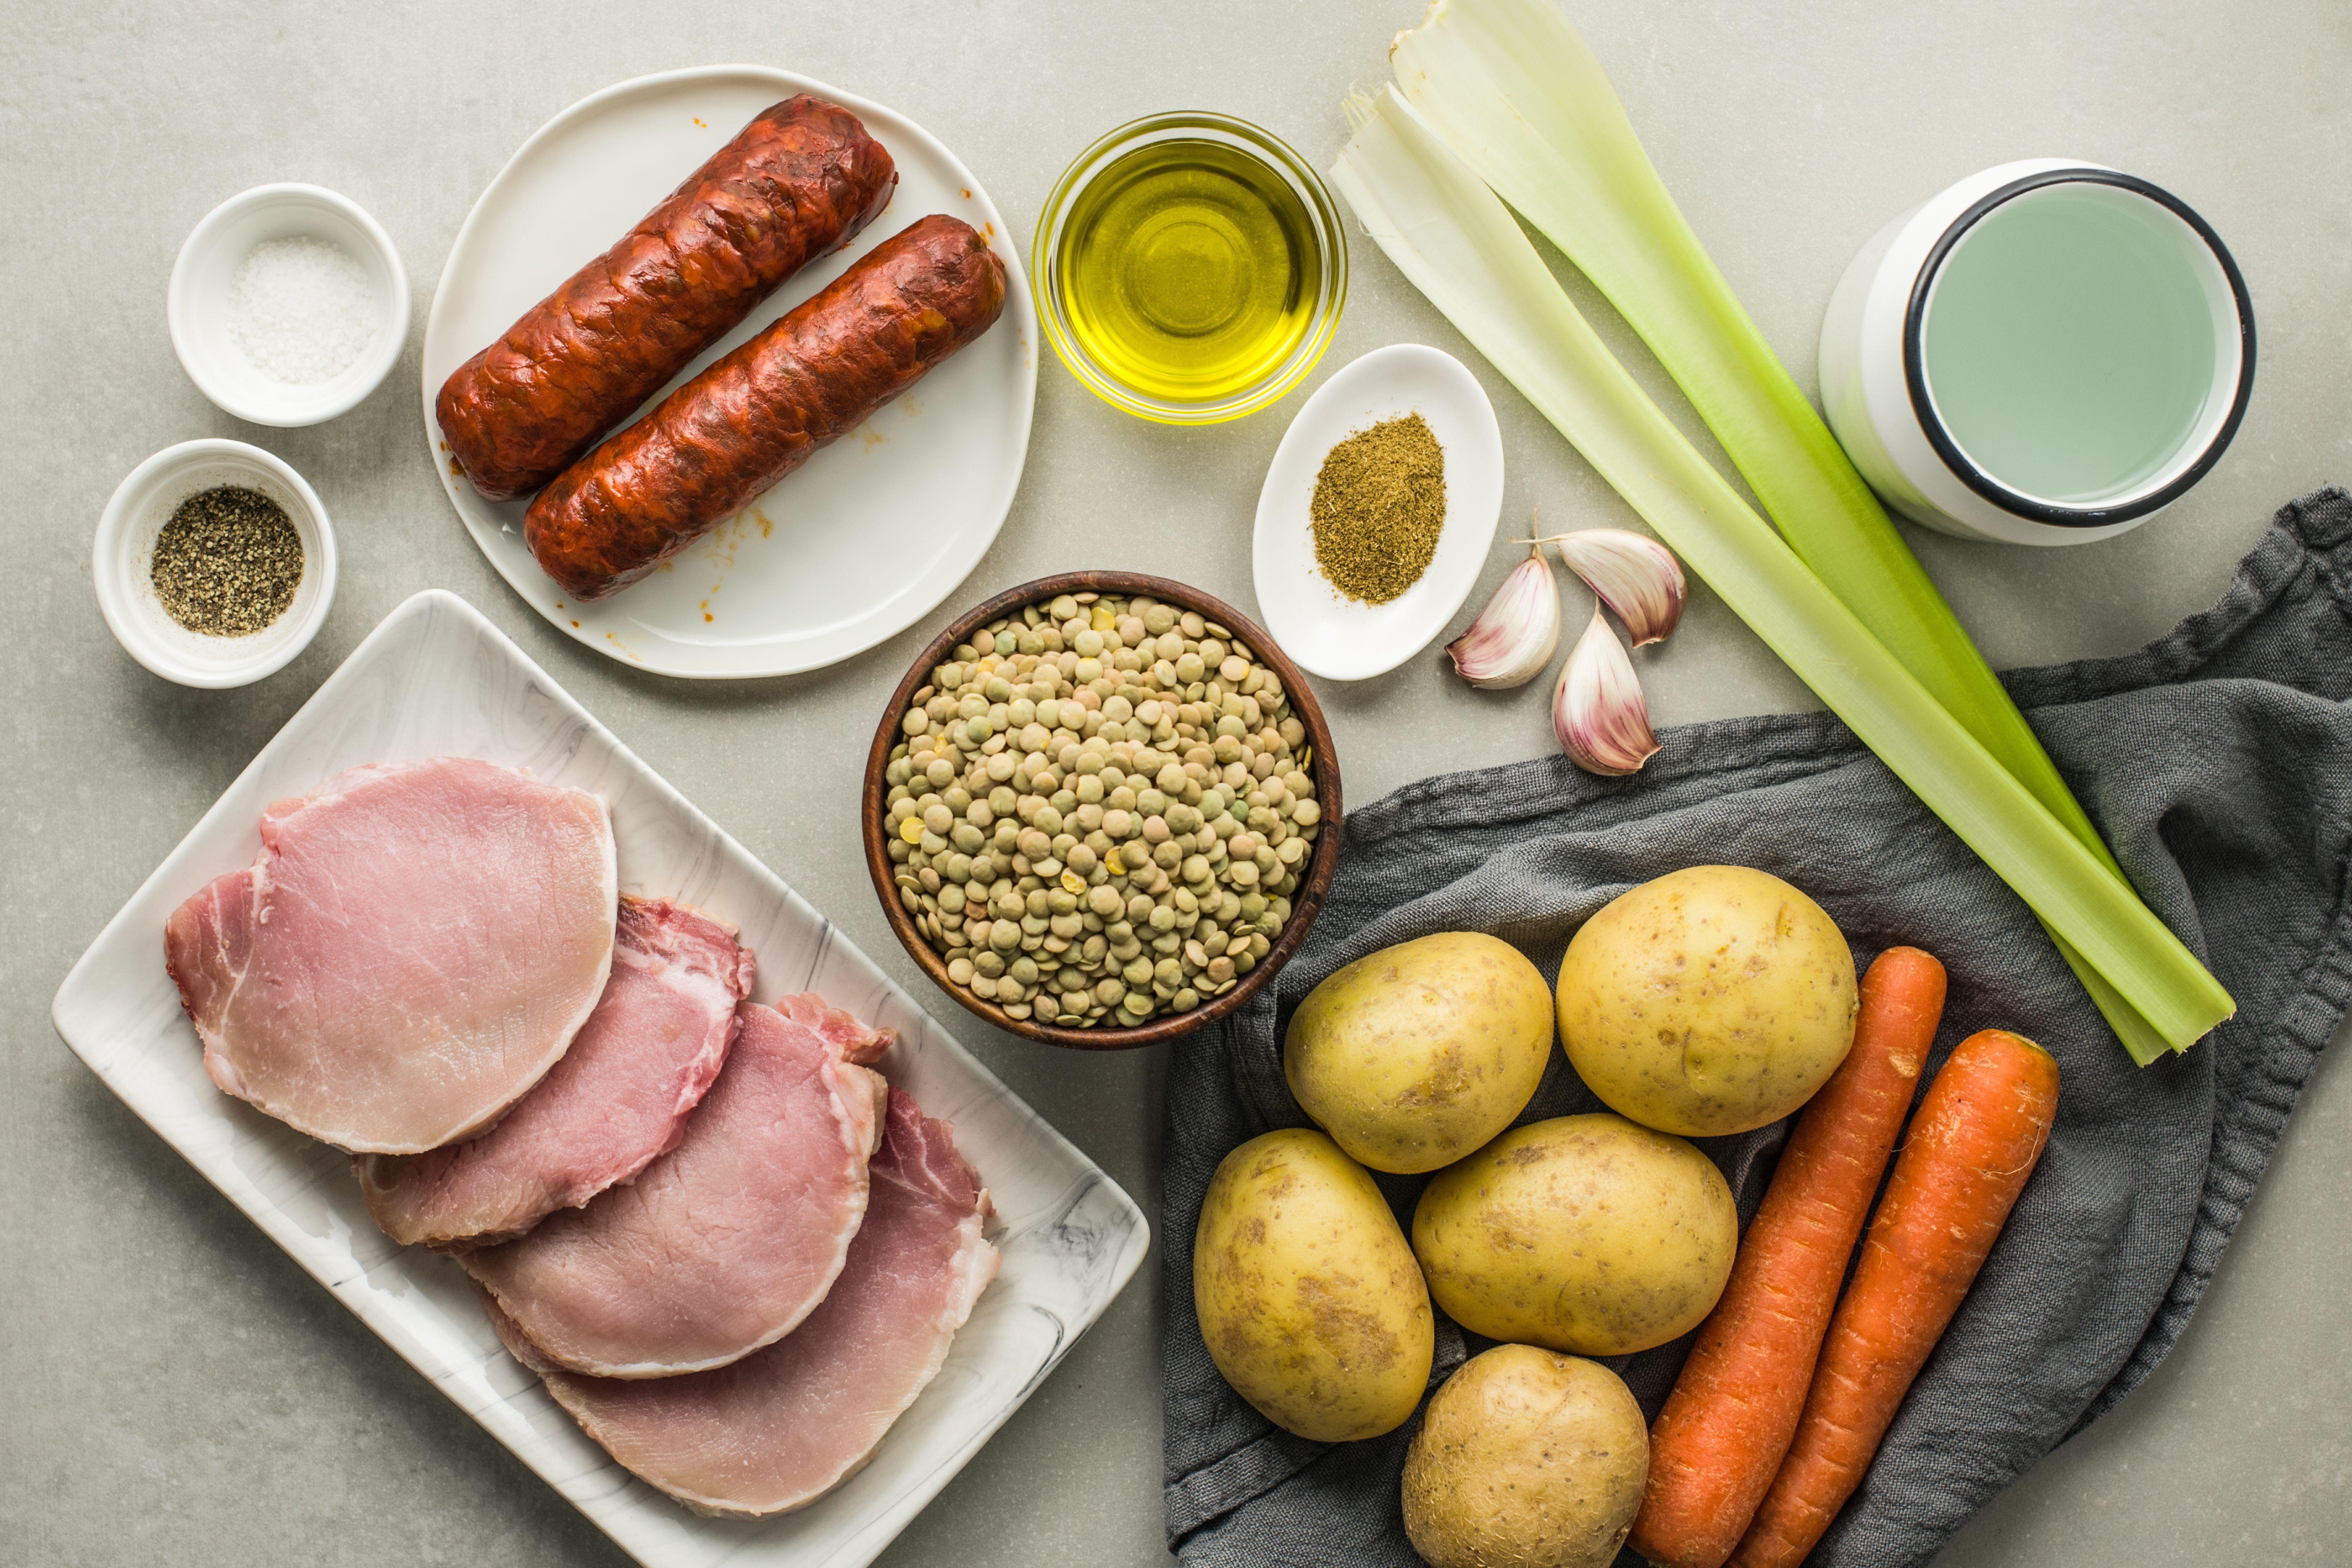 Ingredients for spanish lentil soup